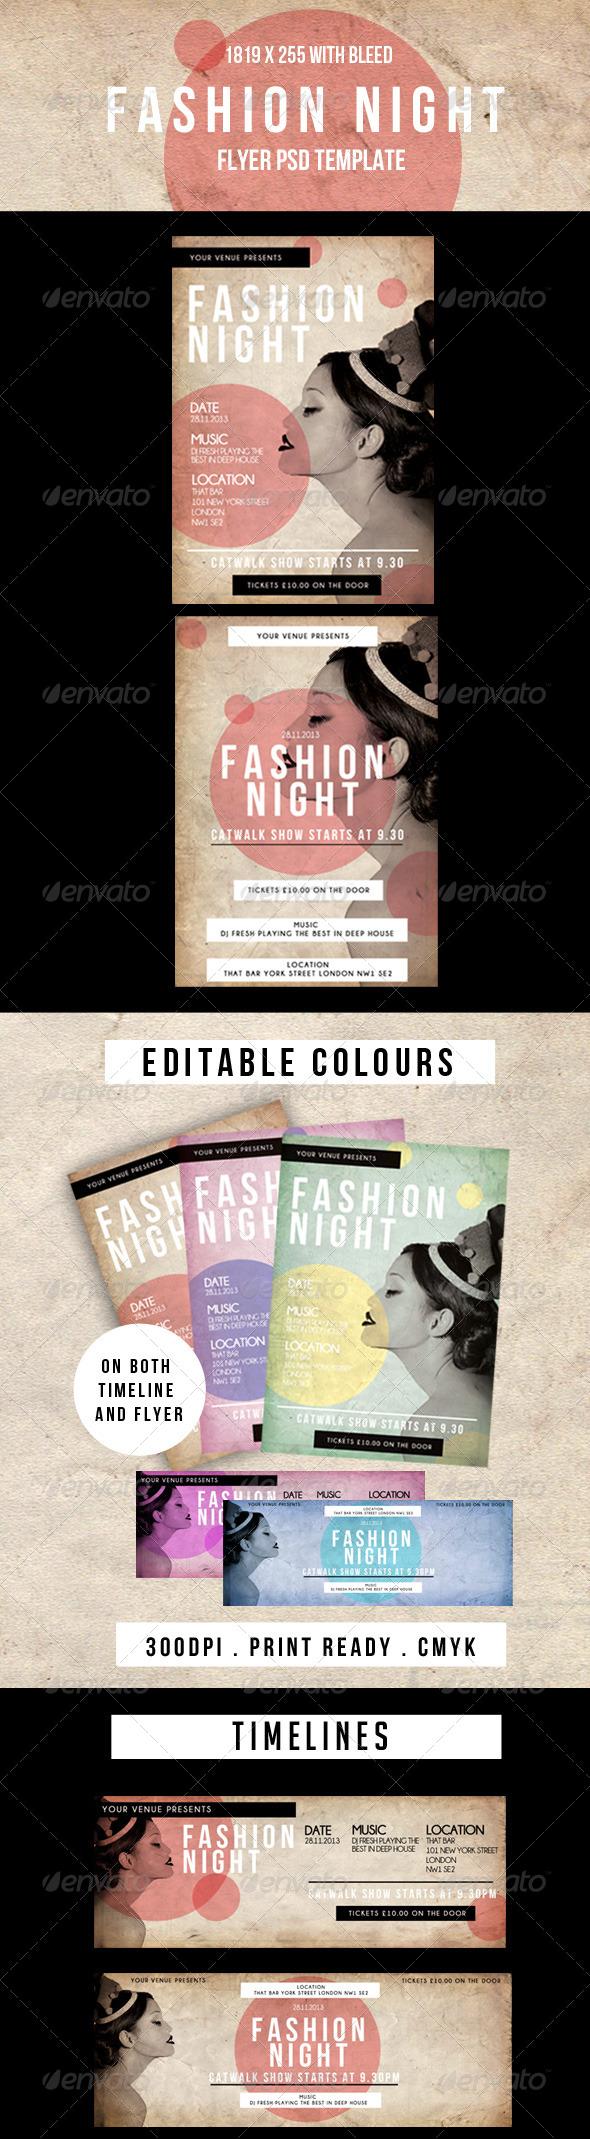 Fashion Night Flyer